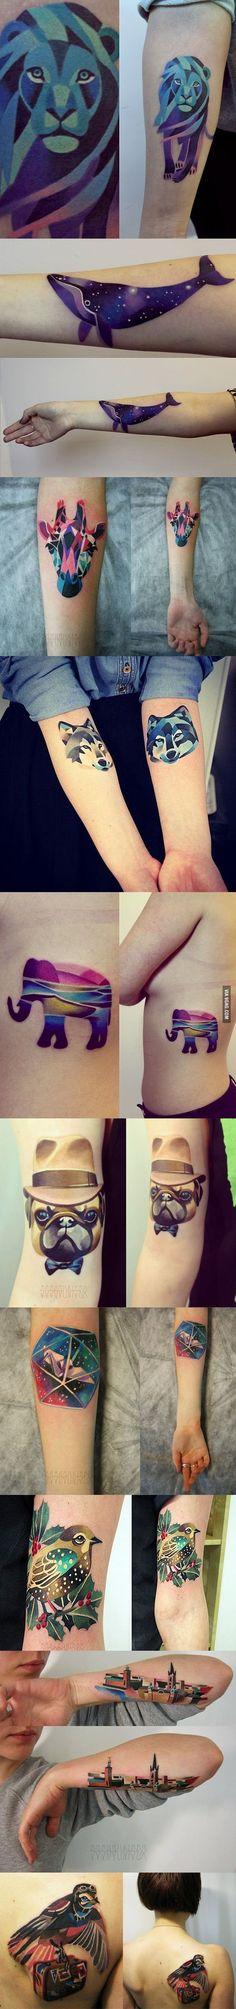 Pretty f'kin cool tattoos